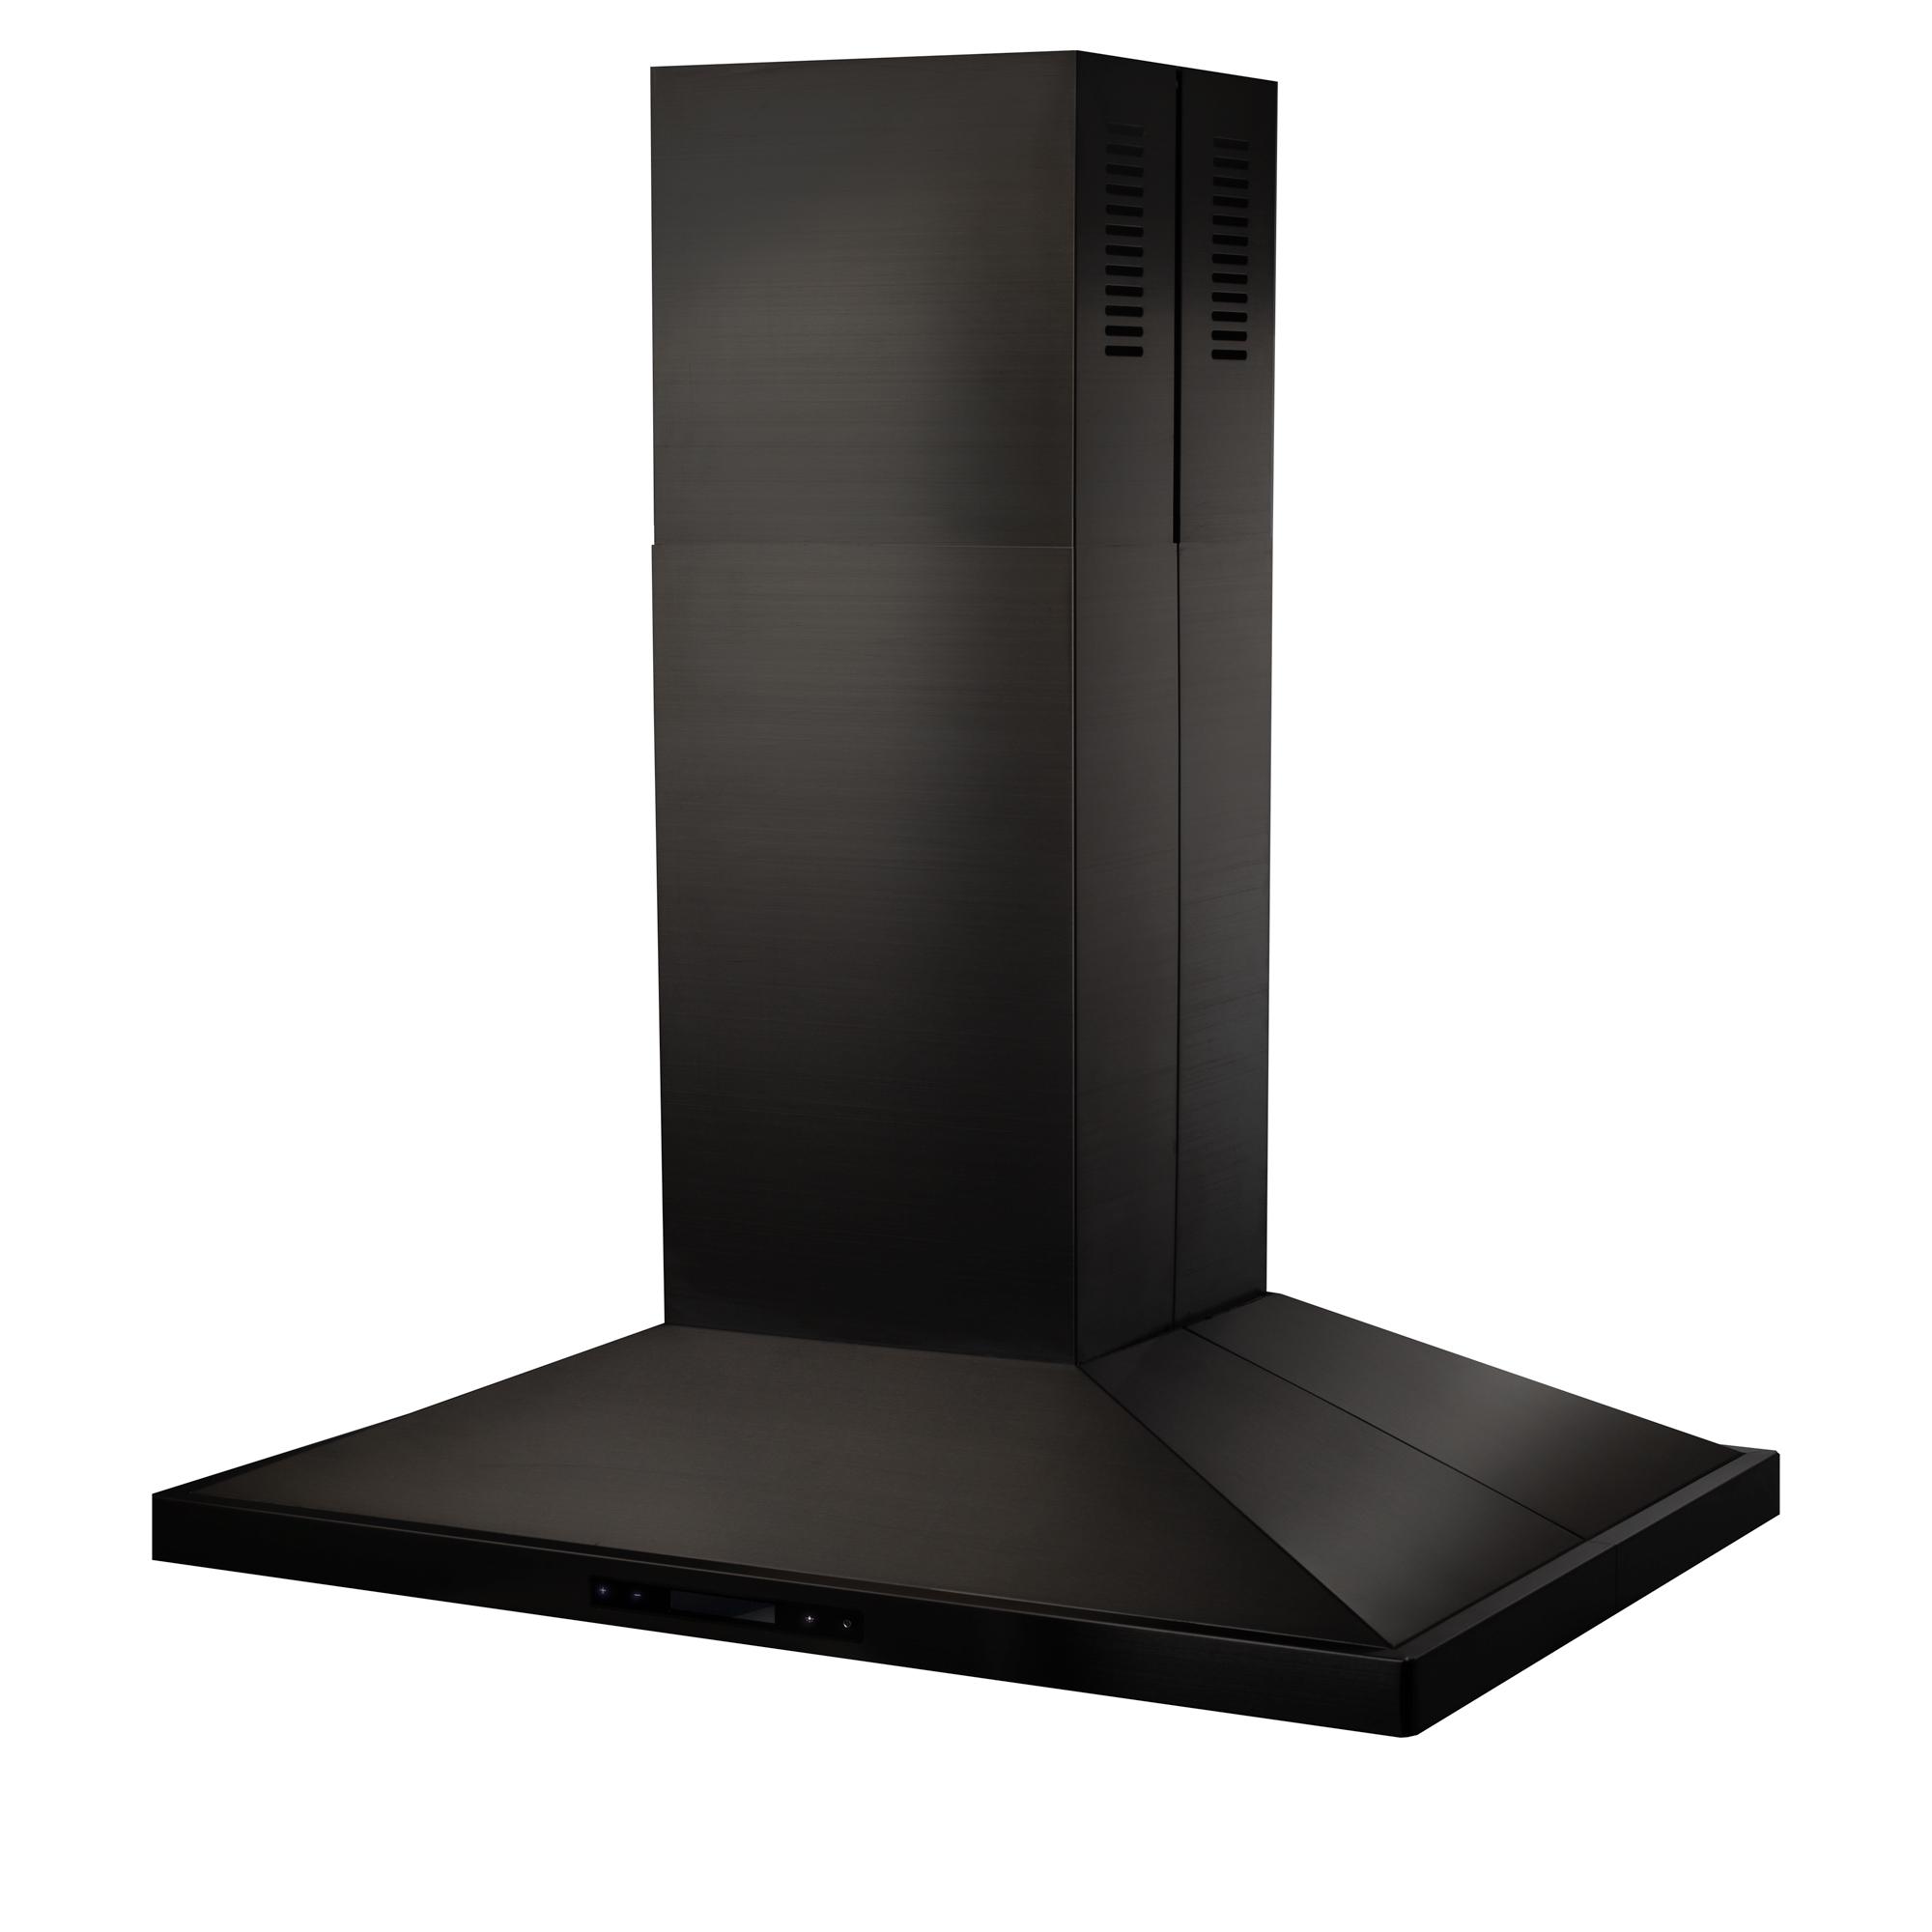 Black Stainless BSGL2i